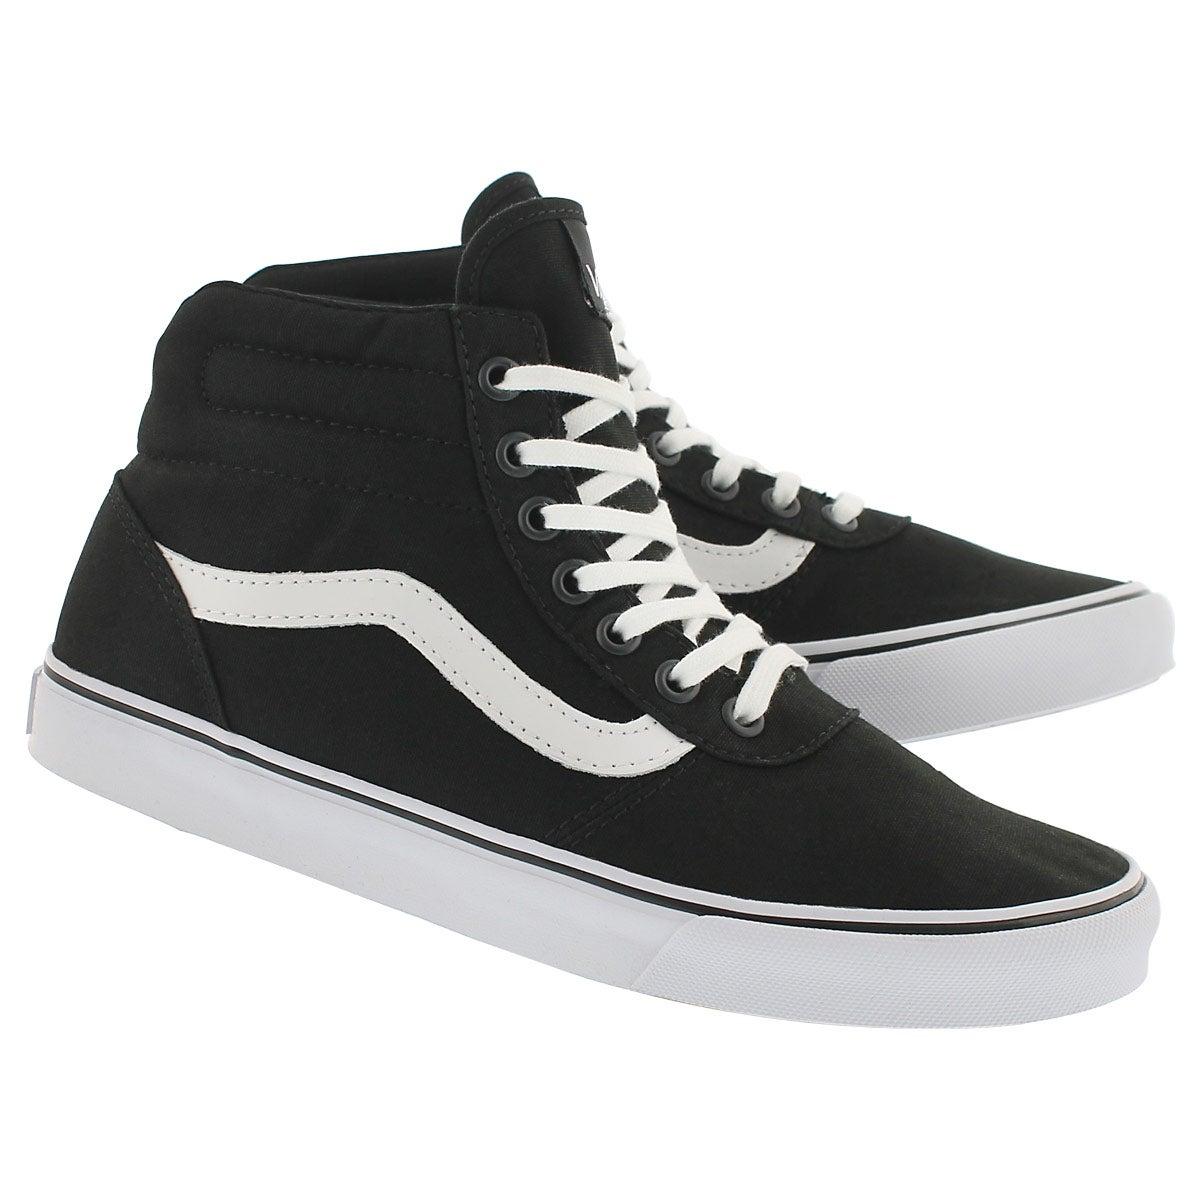 Lds Milton Hi blk/wht lace up sneaker